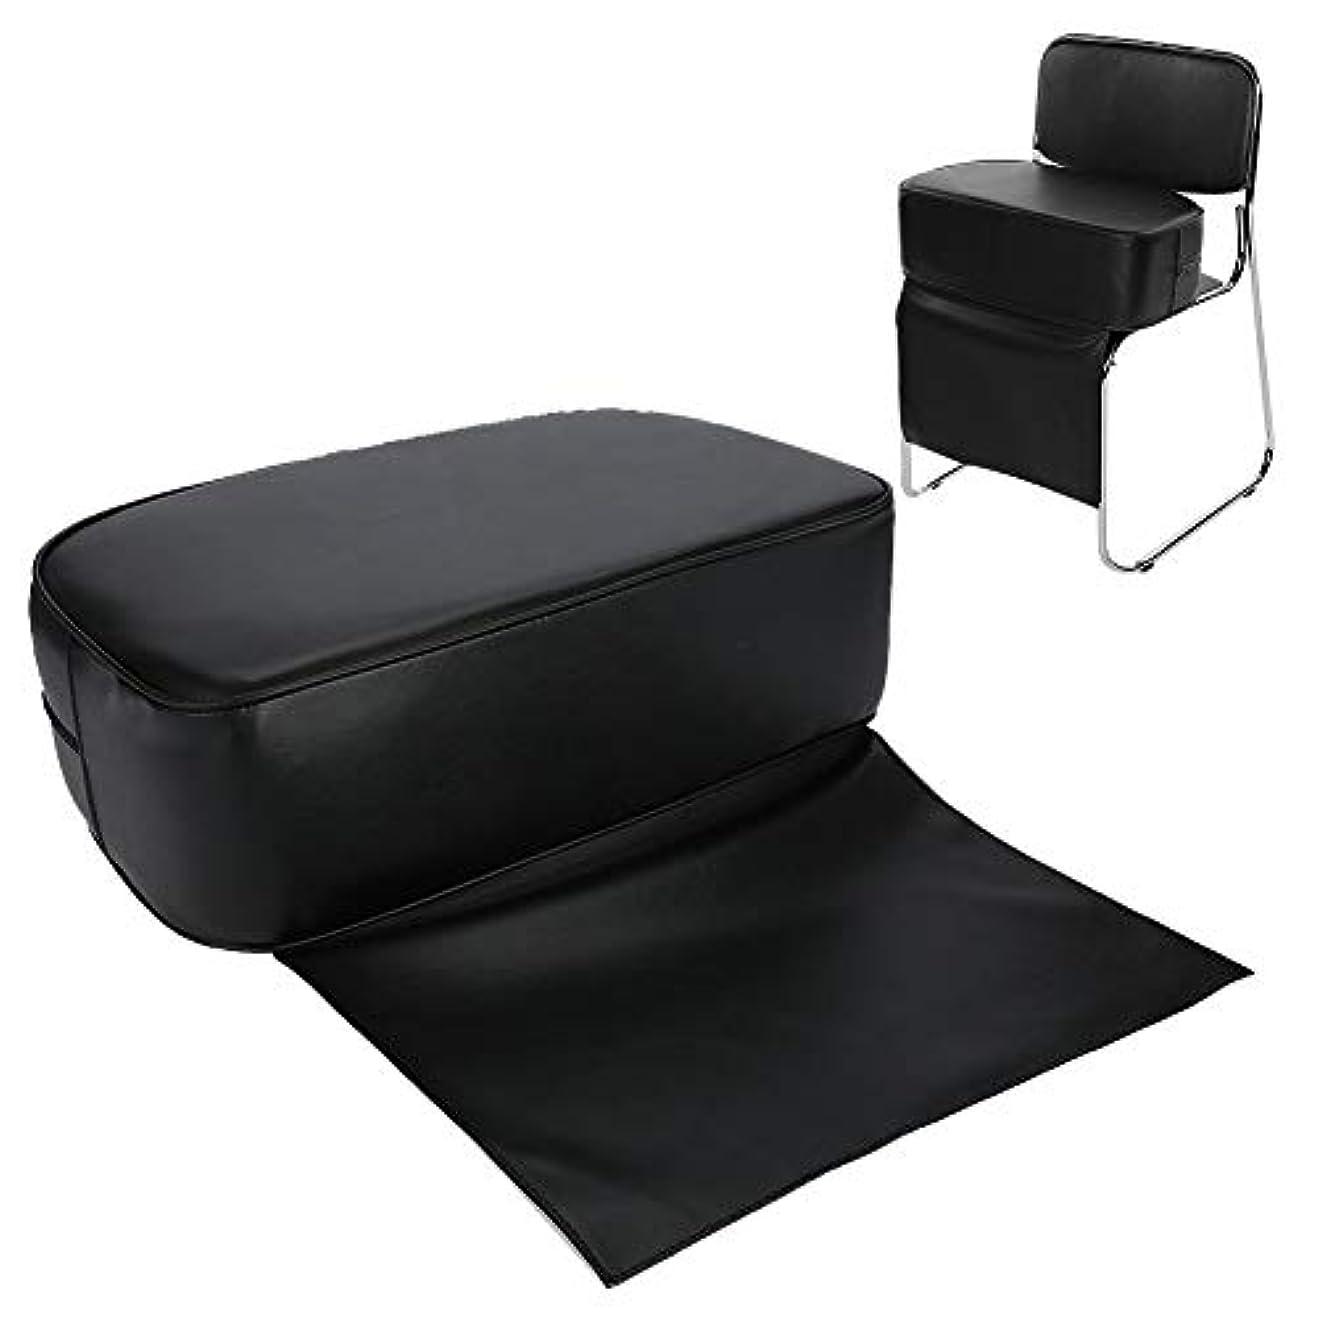 カウントいう人に関する限り快適で耐久性のあるPUバーバーブーストシートチェア(子供用)-ヘアサロンスタイリングバーバークッション